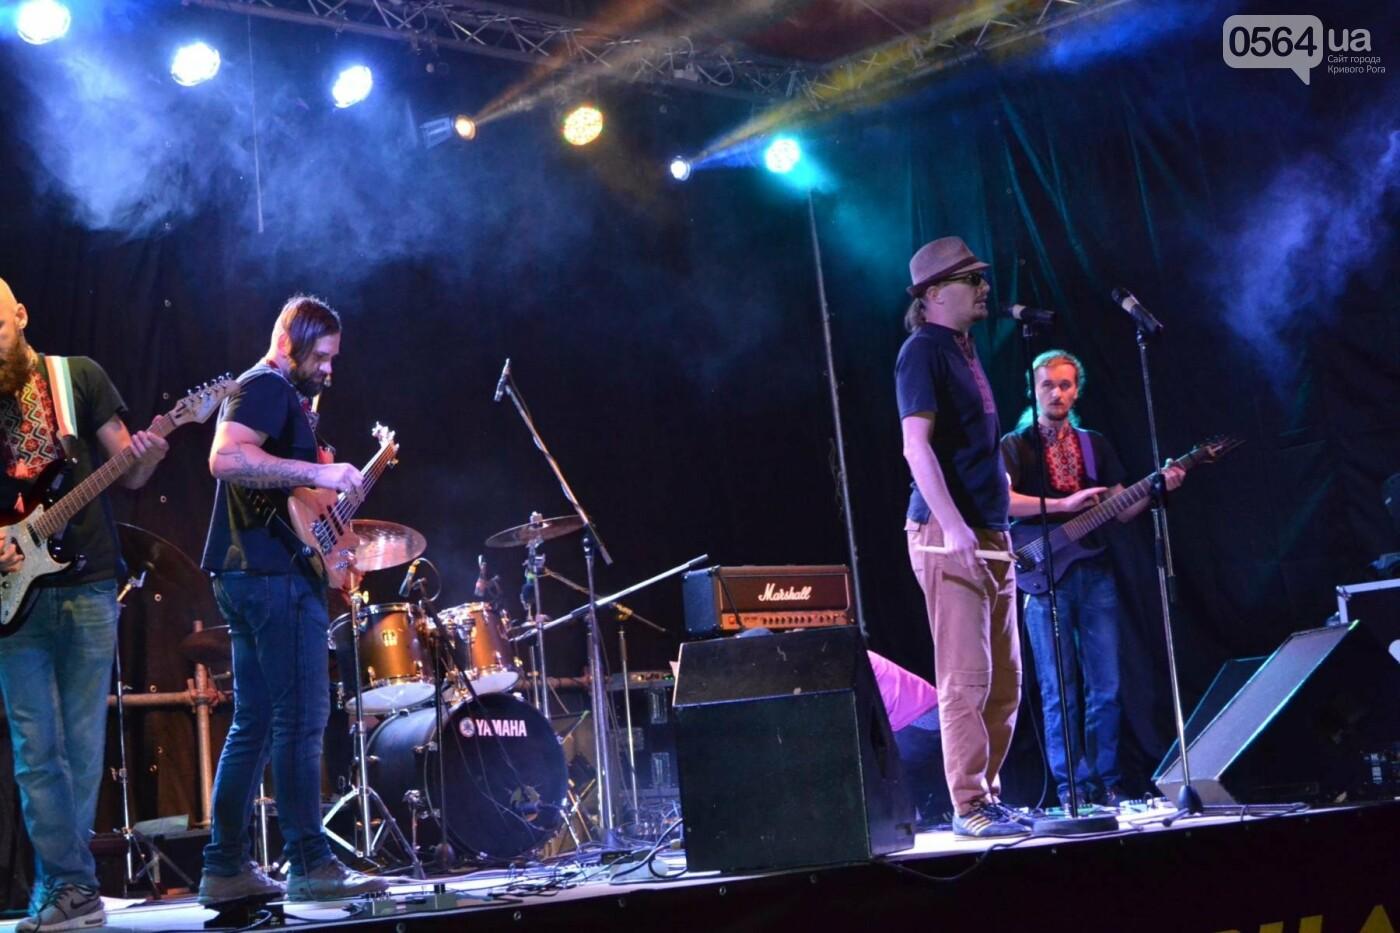 Подведение итогов, награждение победителей и выступление рок-групп, - чем завершился криворожский веломарафон, - ФОТО, ВИДЕО, фото-11